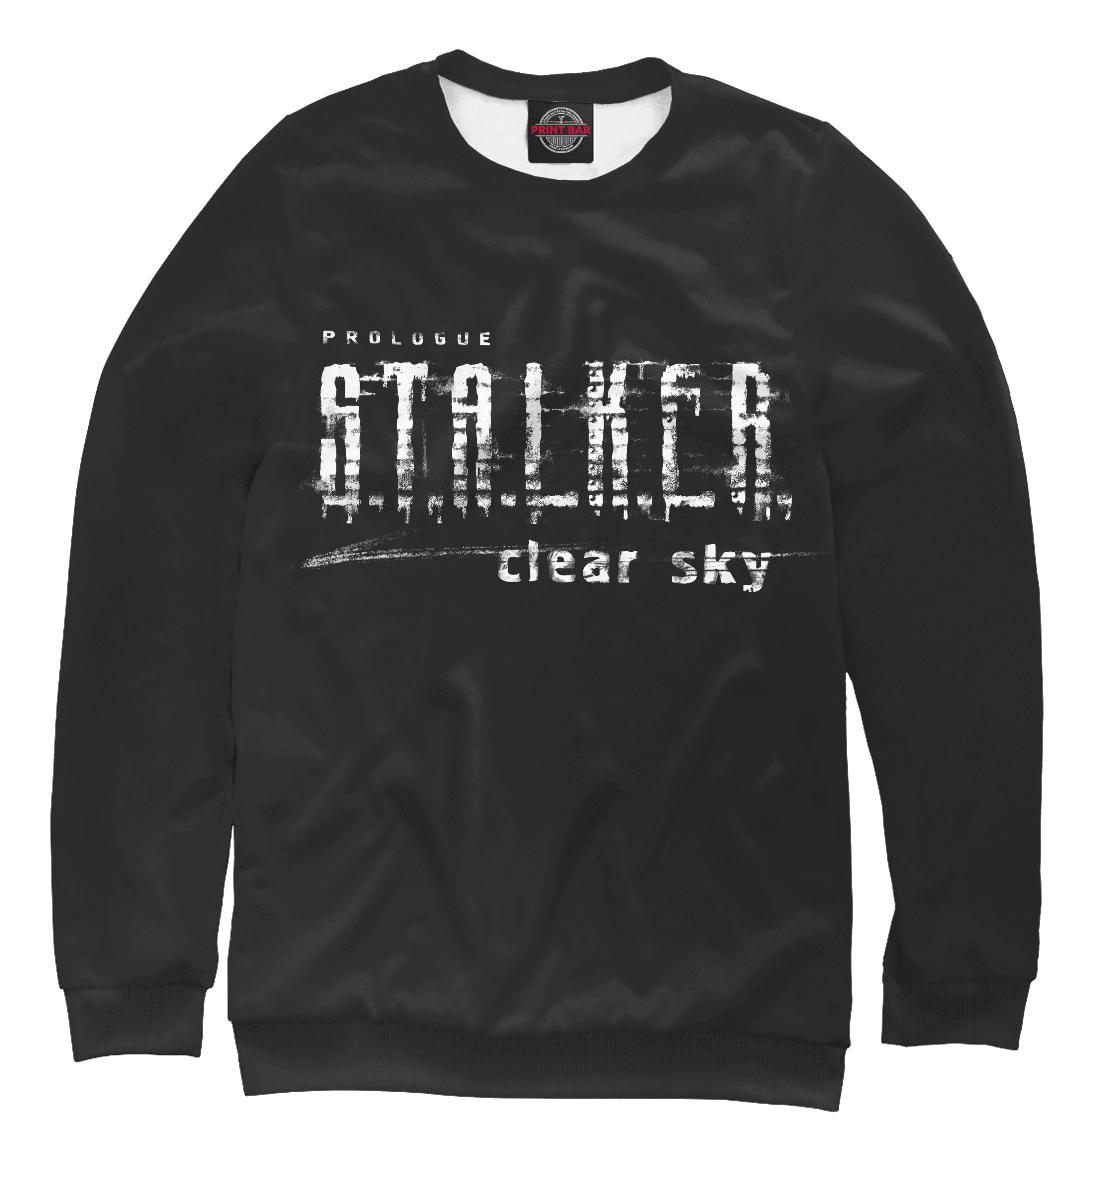 Купить Сталкер Чистое Небо, Printbar, Свитшоты, STL-825113-swi-2